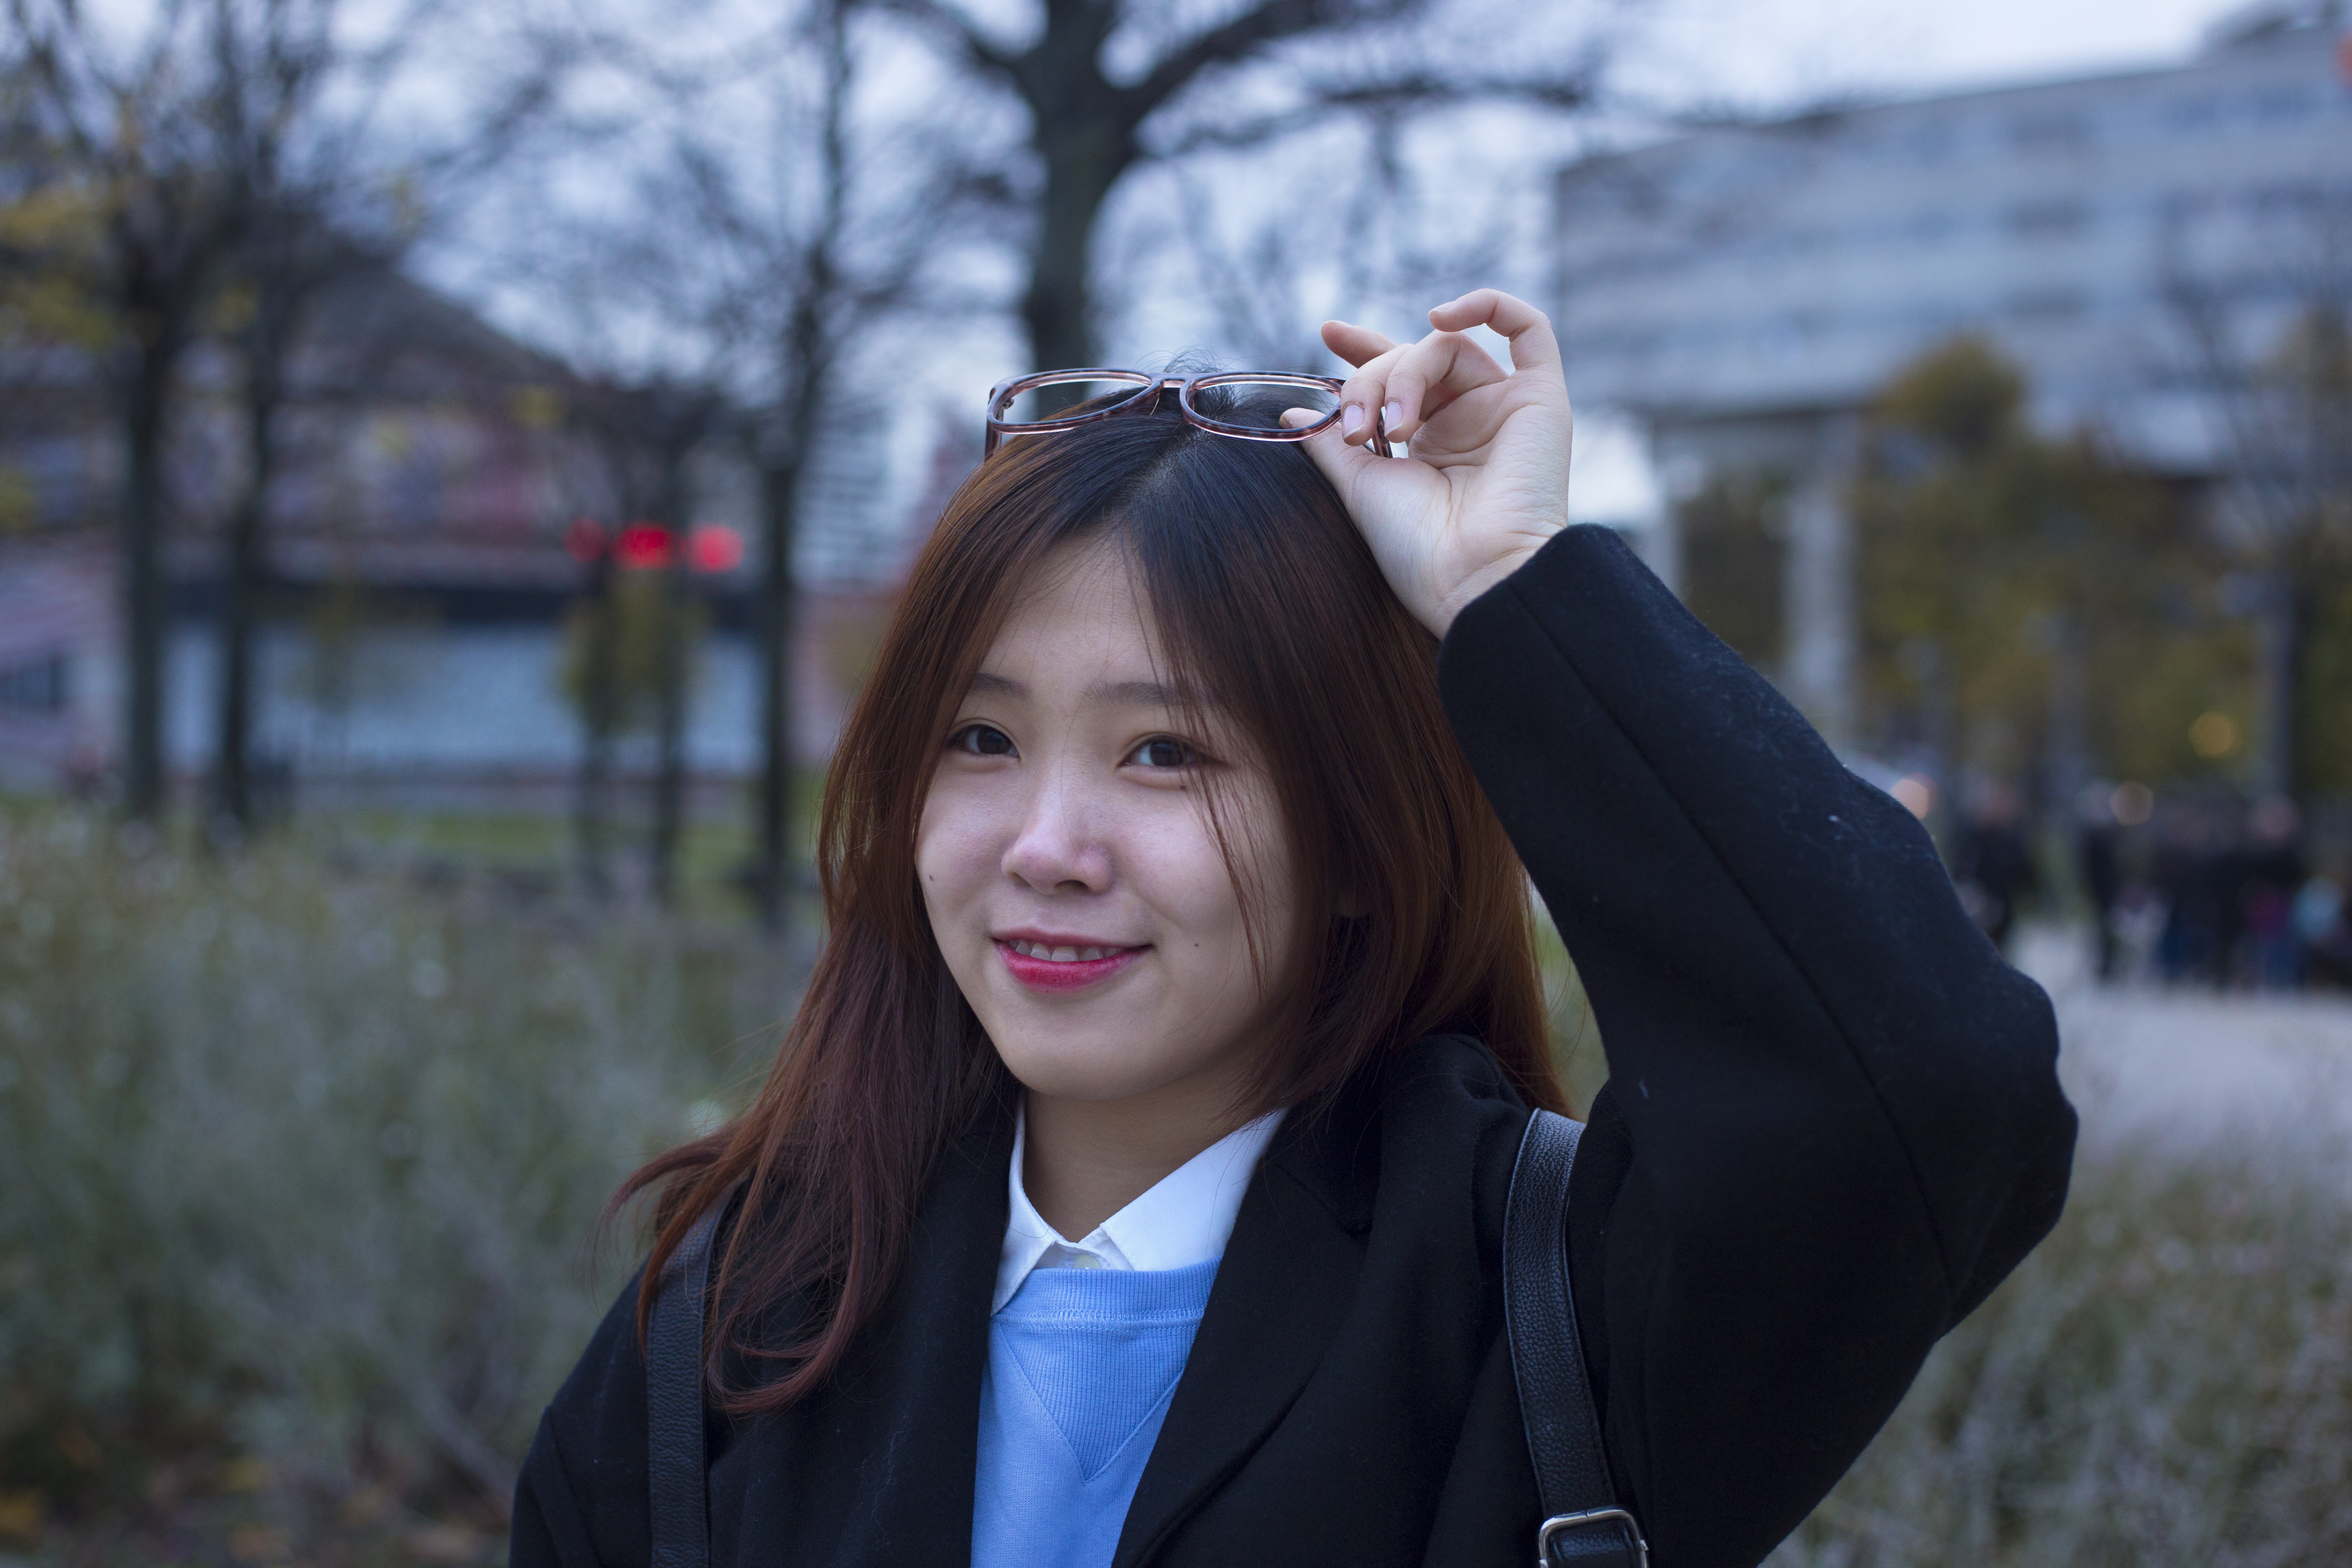 Ngo Diep Minh